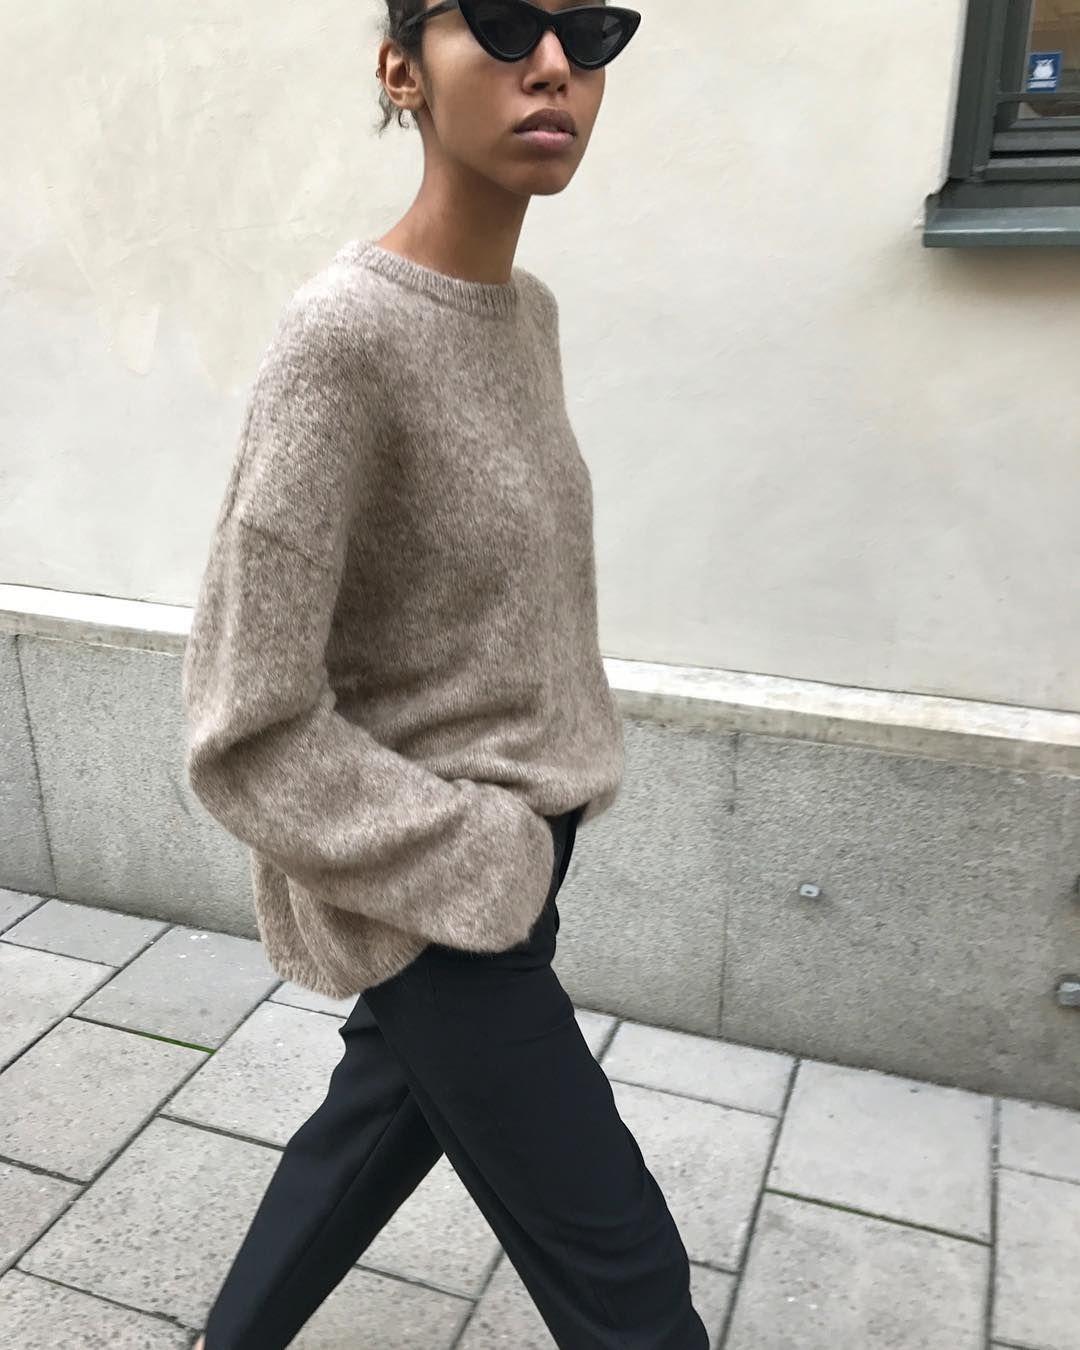 """4,793 свиђања, 43 коментара - totême (@toteme) у апликацији Instagram: """"Introducing – Biella knit. Available now at toteme-nyc.com #toteme"""""""